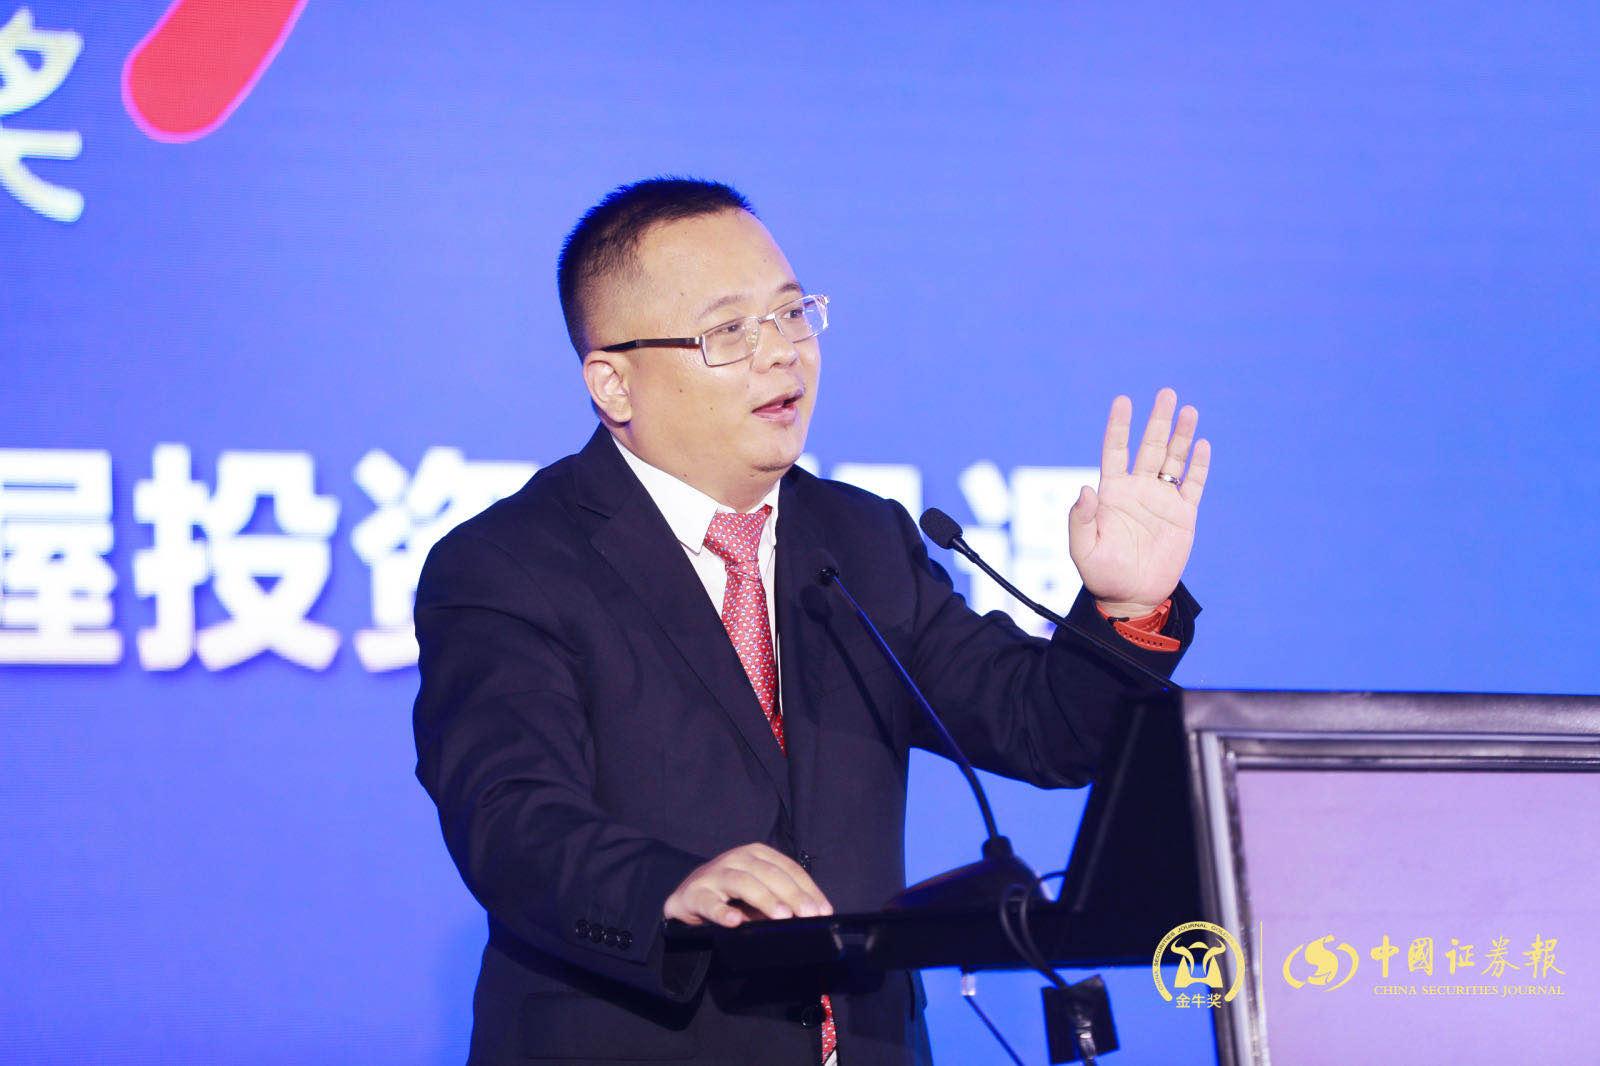 天風證券副總裁、研究所所長趙曉光_meitu_2.jpg